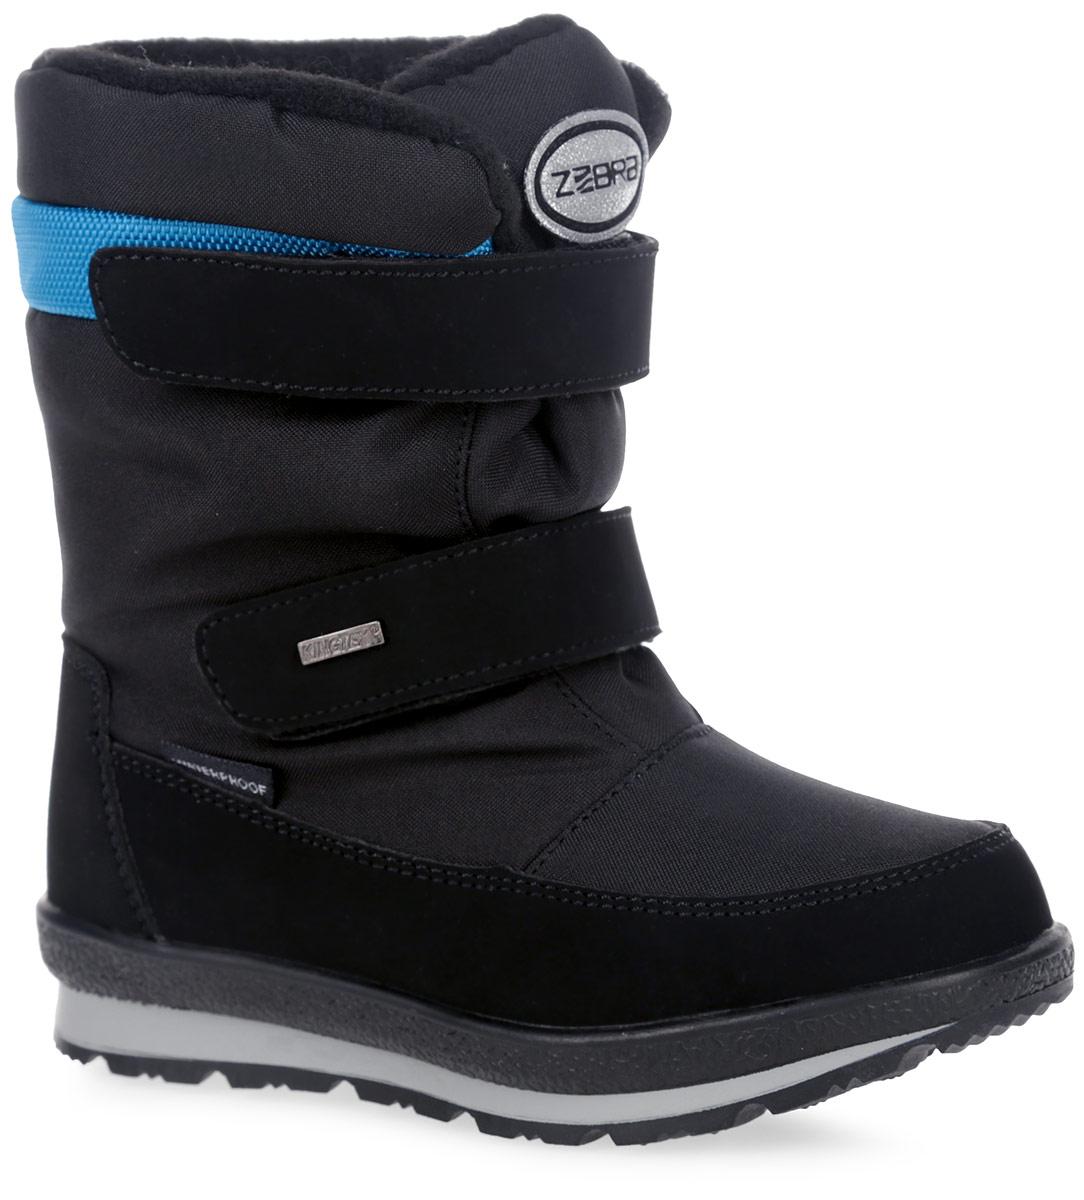 Полусапоги детские Зебра, цвет: черный. 11048-1. Размер 3311048-1Полусапоги от Зебра выполнены из текстиля и искусственных материалов. Застежки-липучки надежно фиксируют изделие на ноге. Мягкая подкладка и стелька из шерсти обеспечивают тепло, циркуляцию воздуха и сохраняют комфортный микроклимат в обуви.